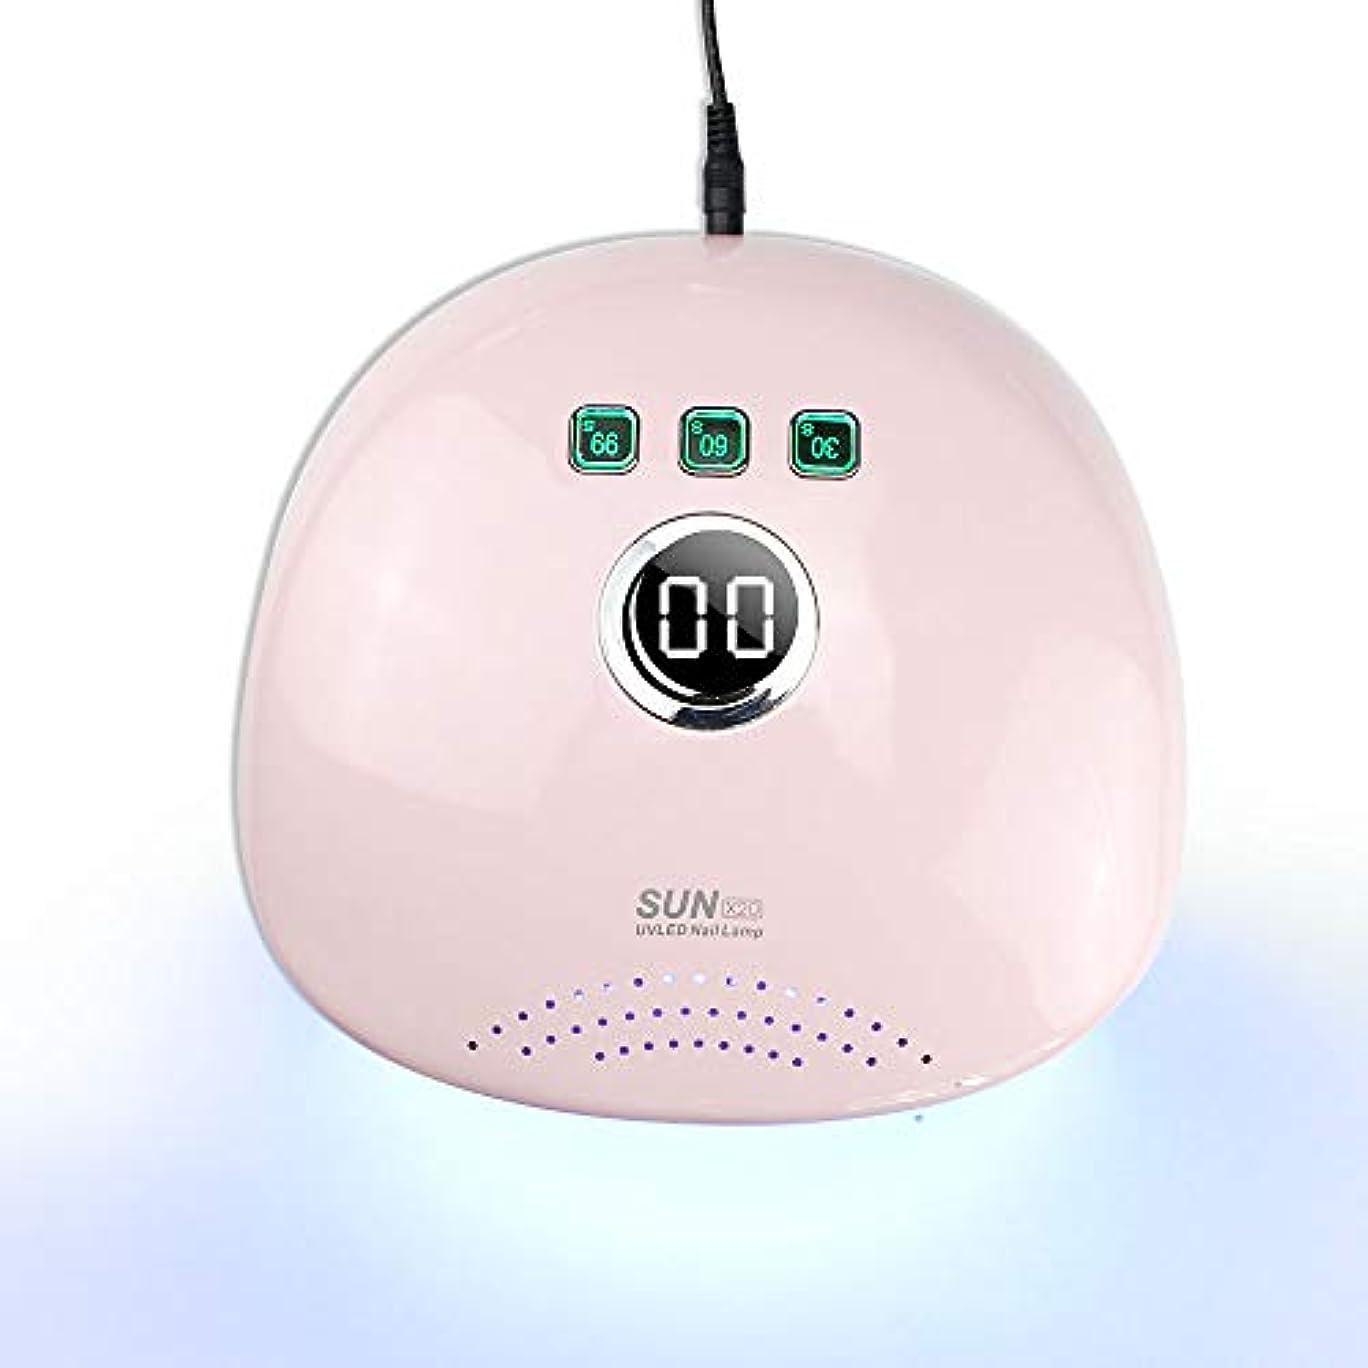 楕円形デモンストレーション電極マニキュアLcdディスプレイUv Led 48 wランプ用器具紫外線治療ジェルポーランドランプネイルライトドライヤー機器,ピンク